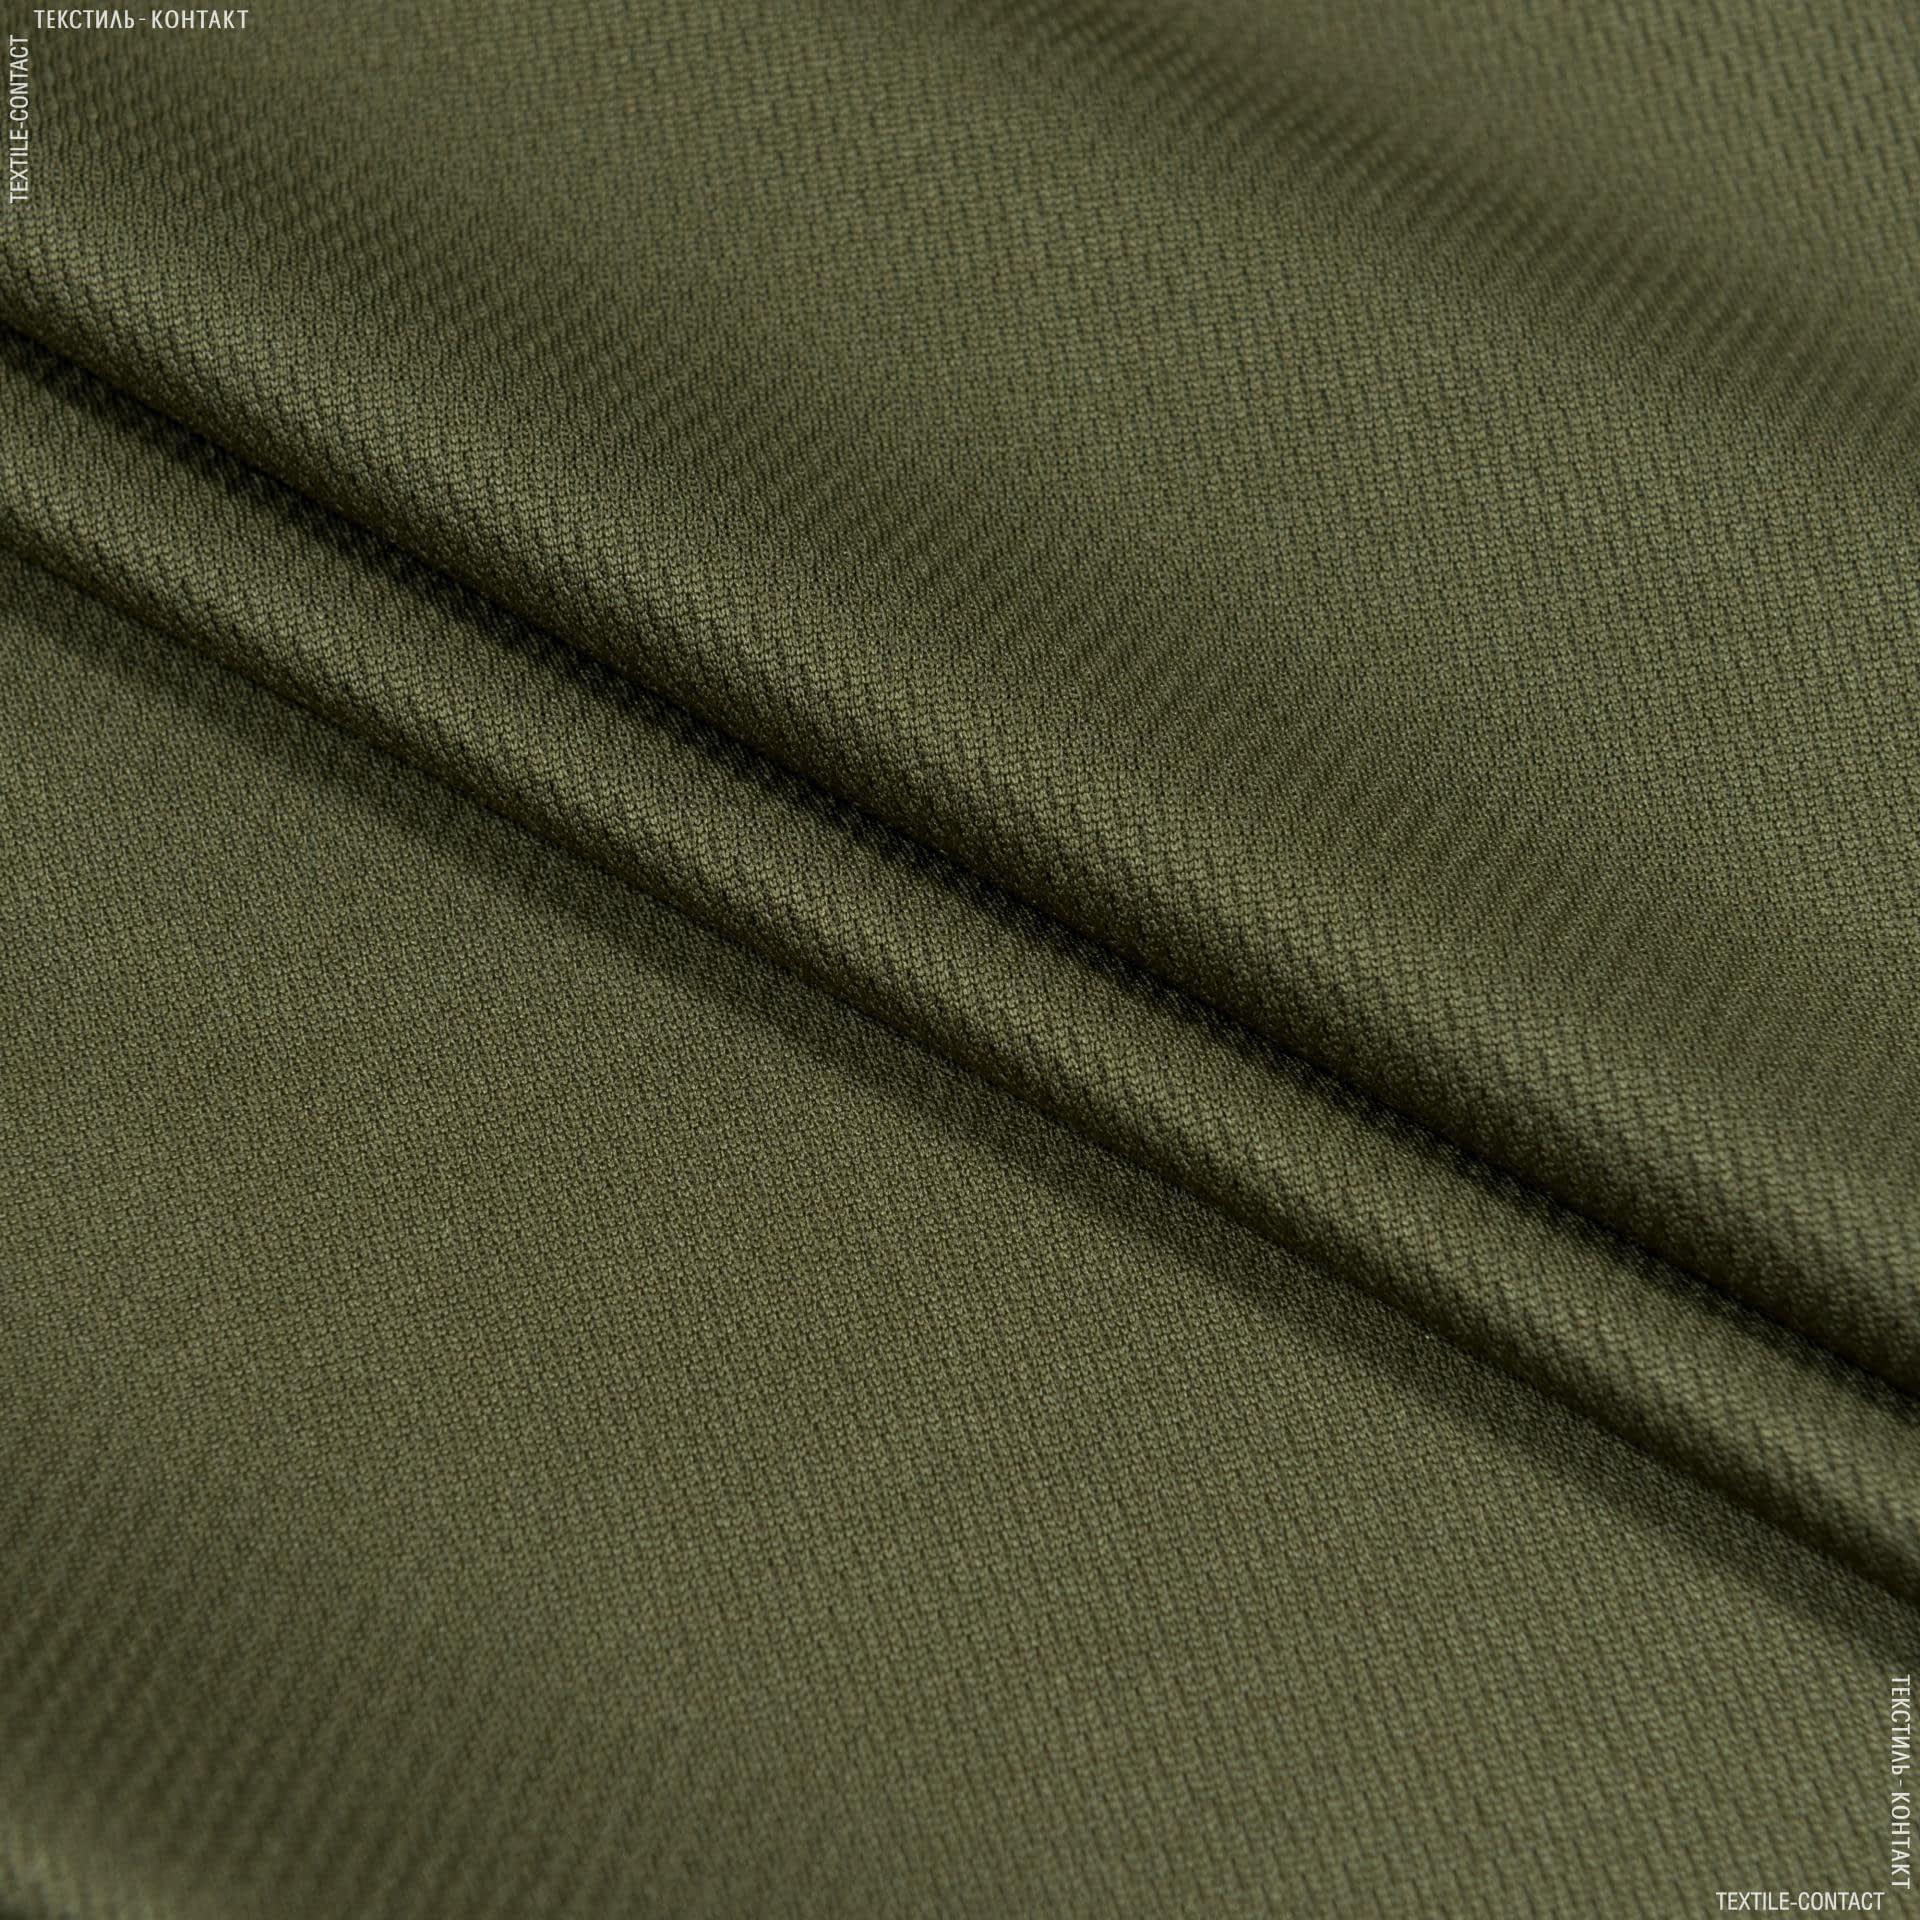 Ткани для спортивной одежды - Микро лакоста хаки